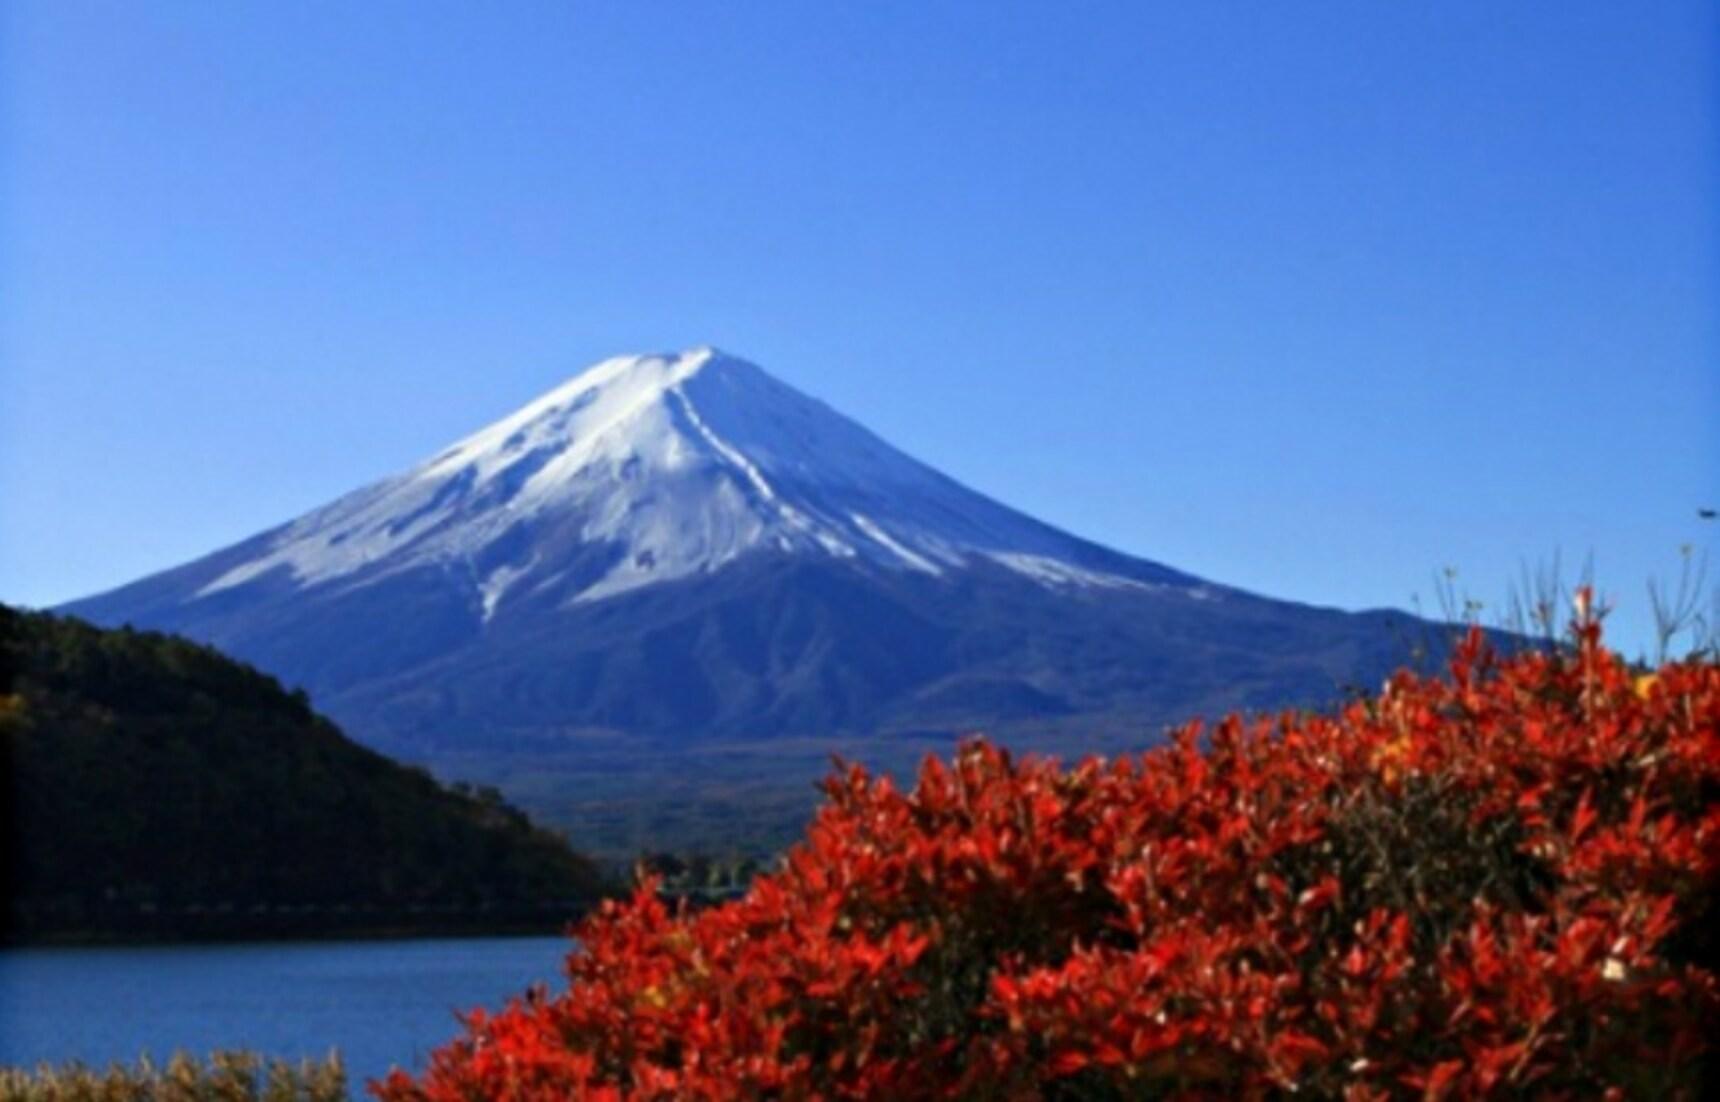 Mount Fuji Tour & Lake Ashi Cruise